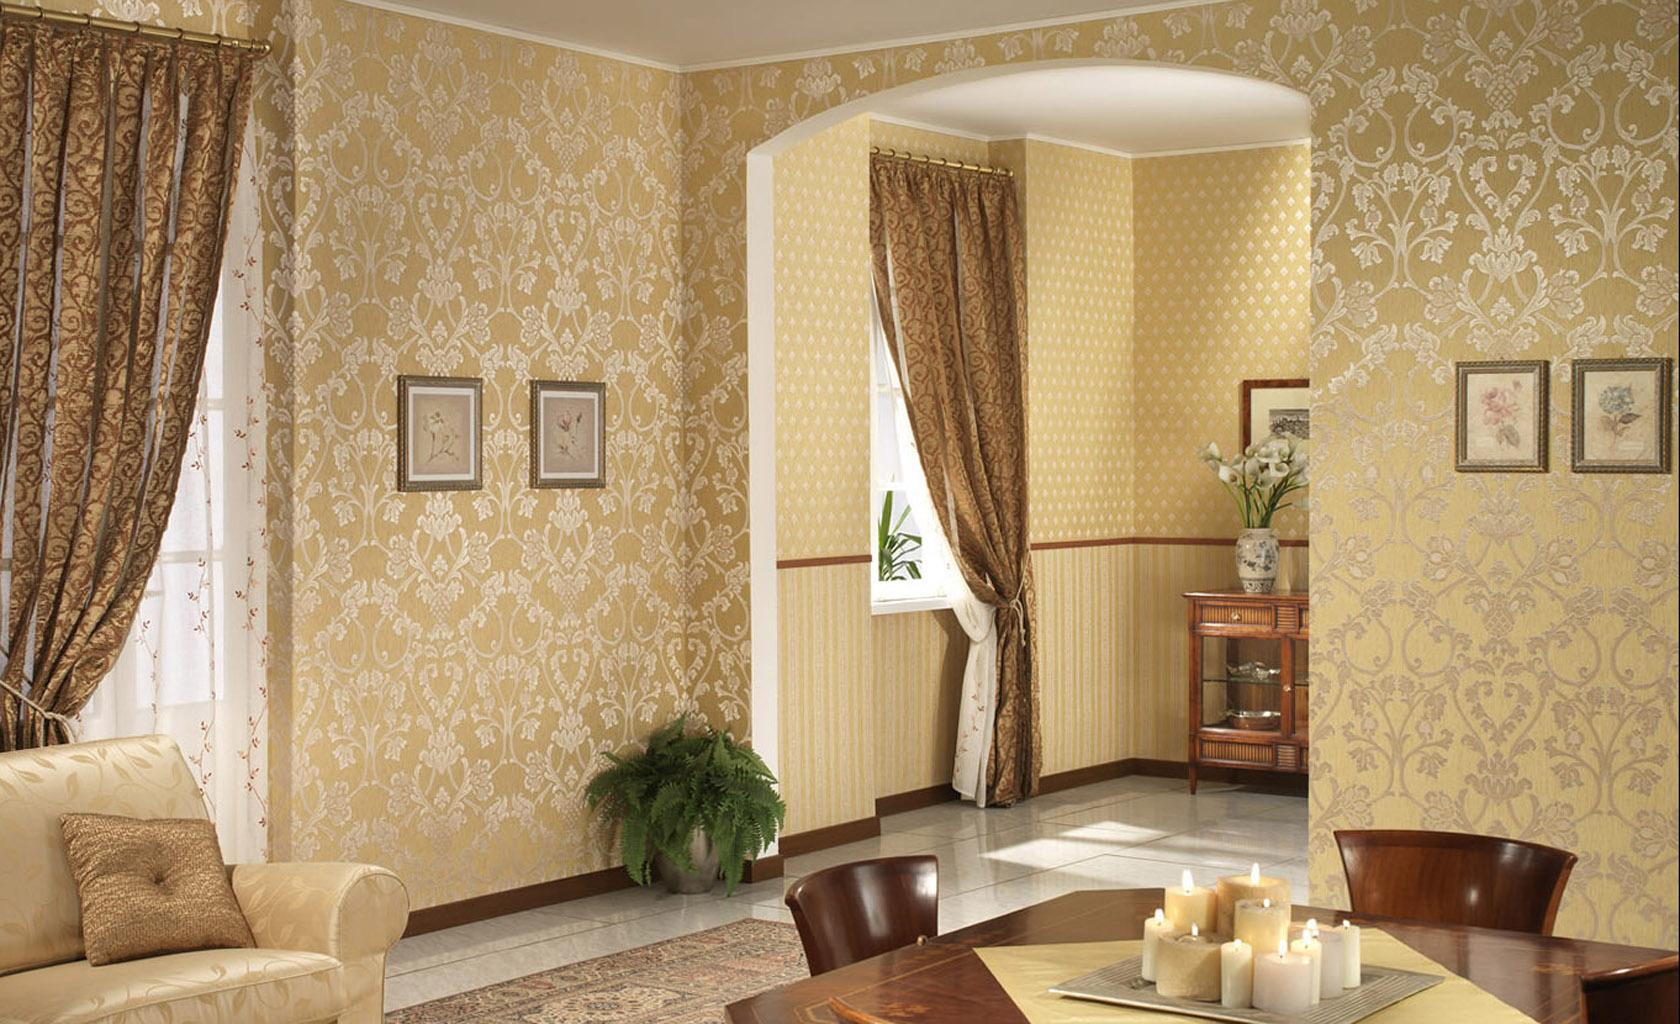 Купить квартиру в италии цены недорого